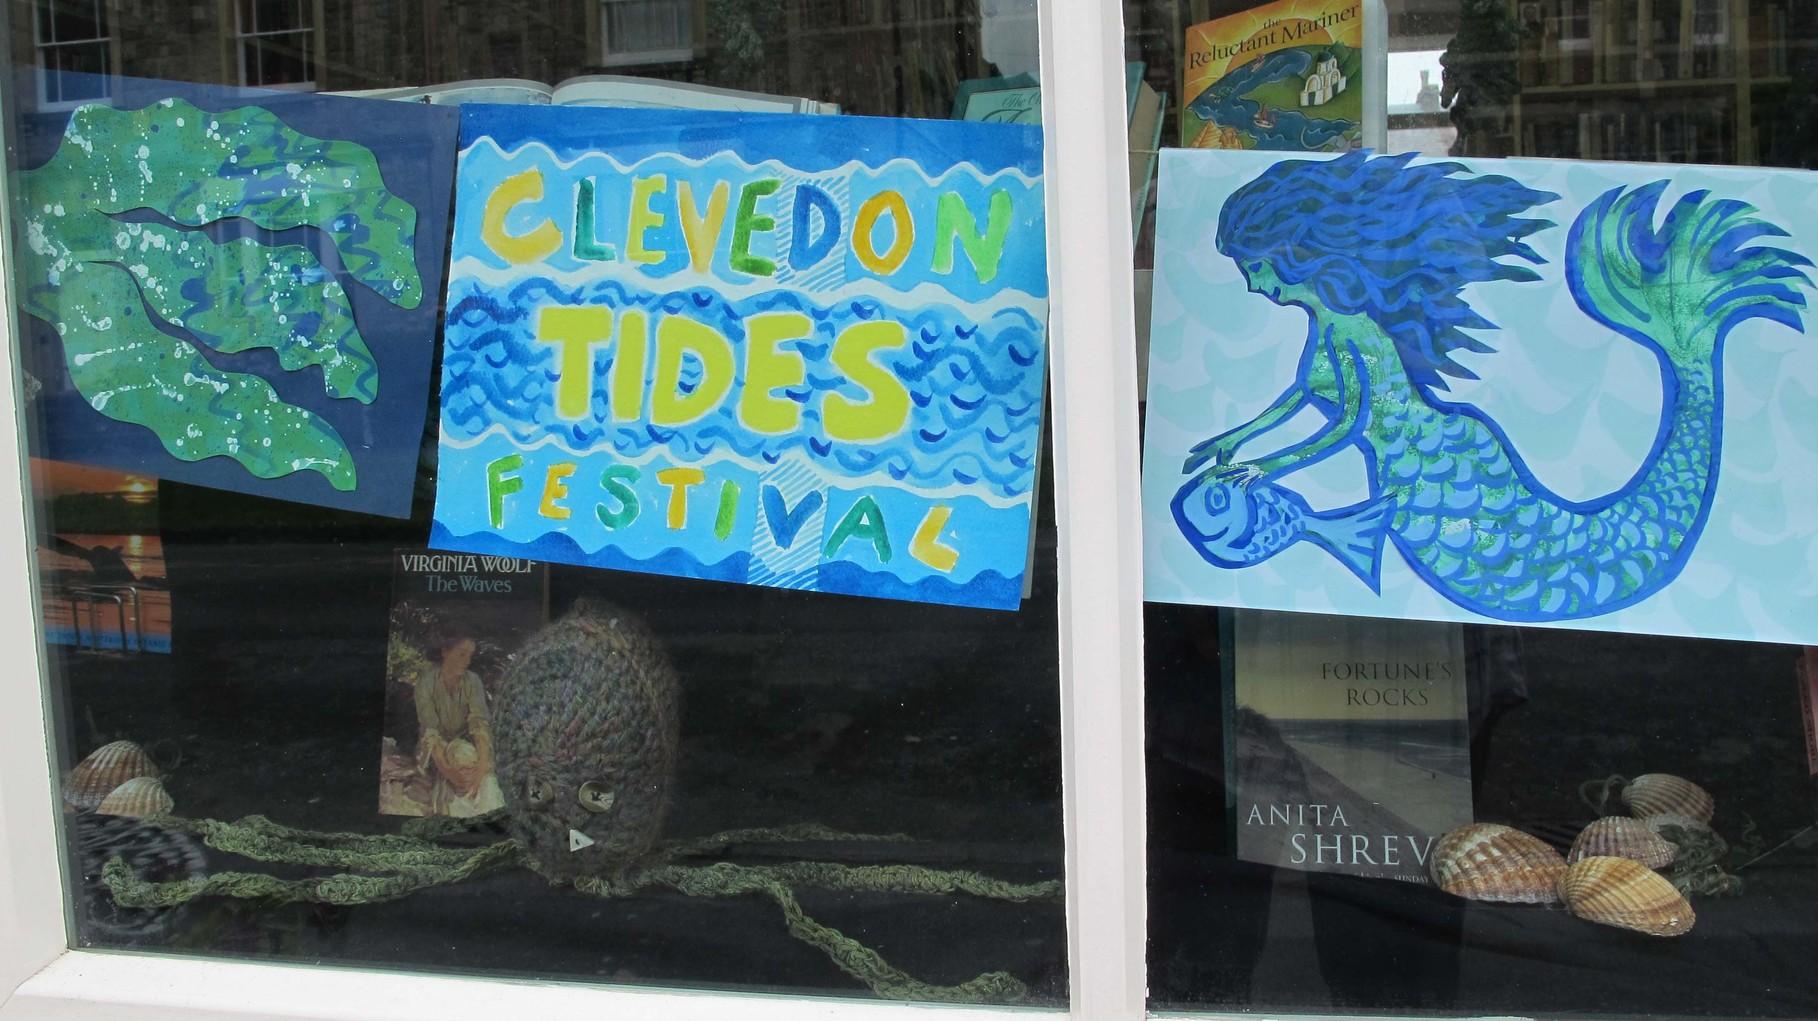 September 2014 - Clevedon Tides Festival